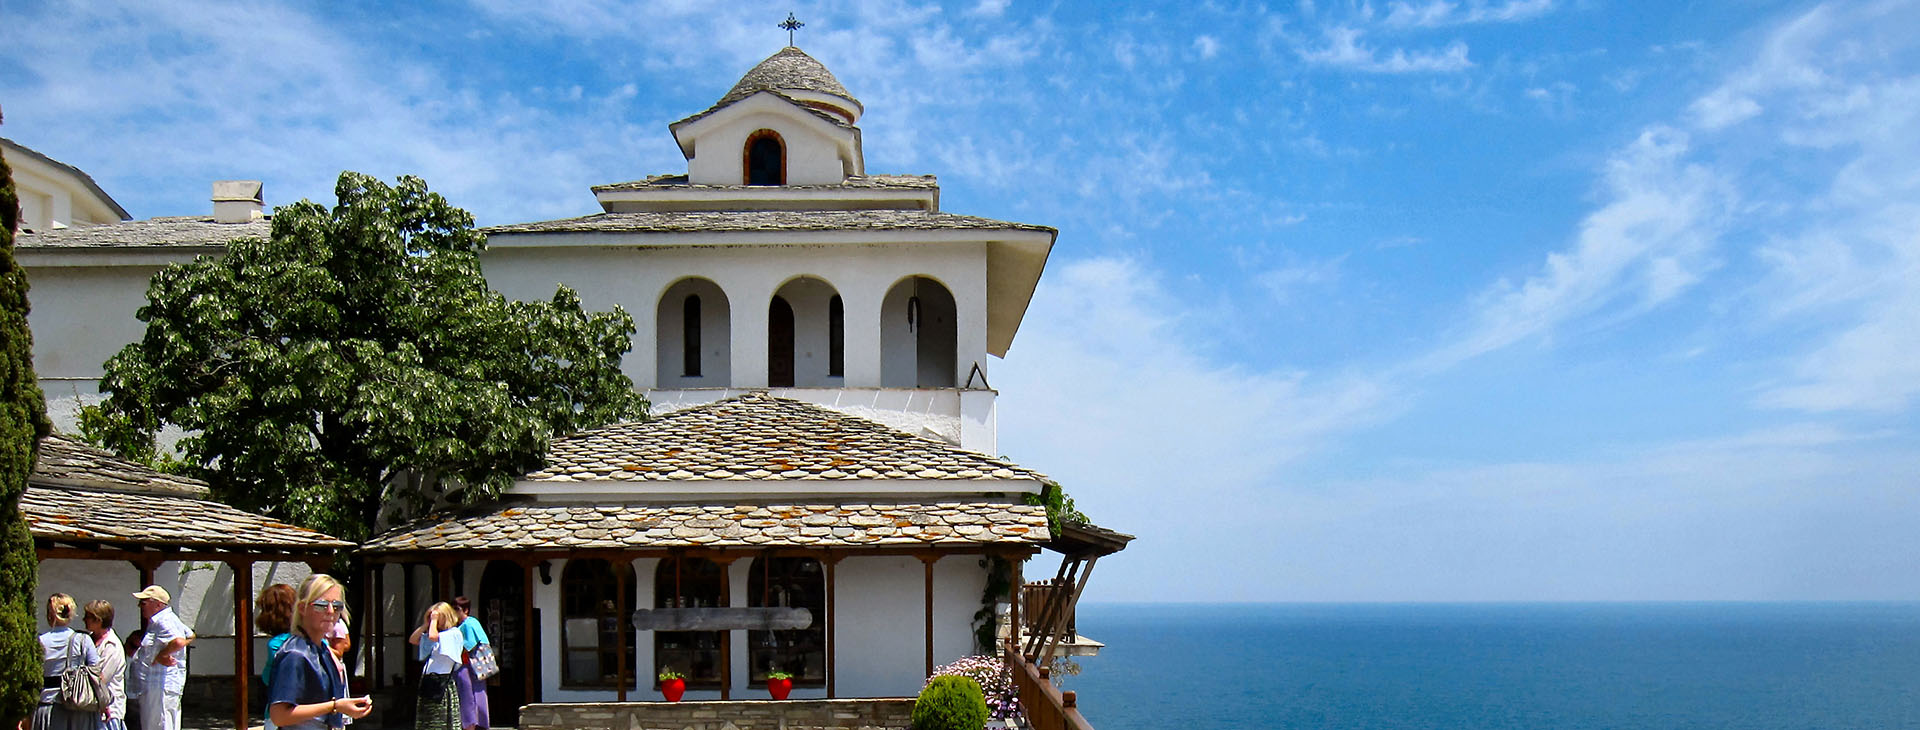 Archangelou Monastery, Thassos island